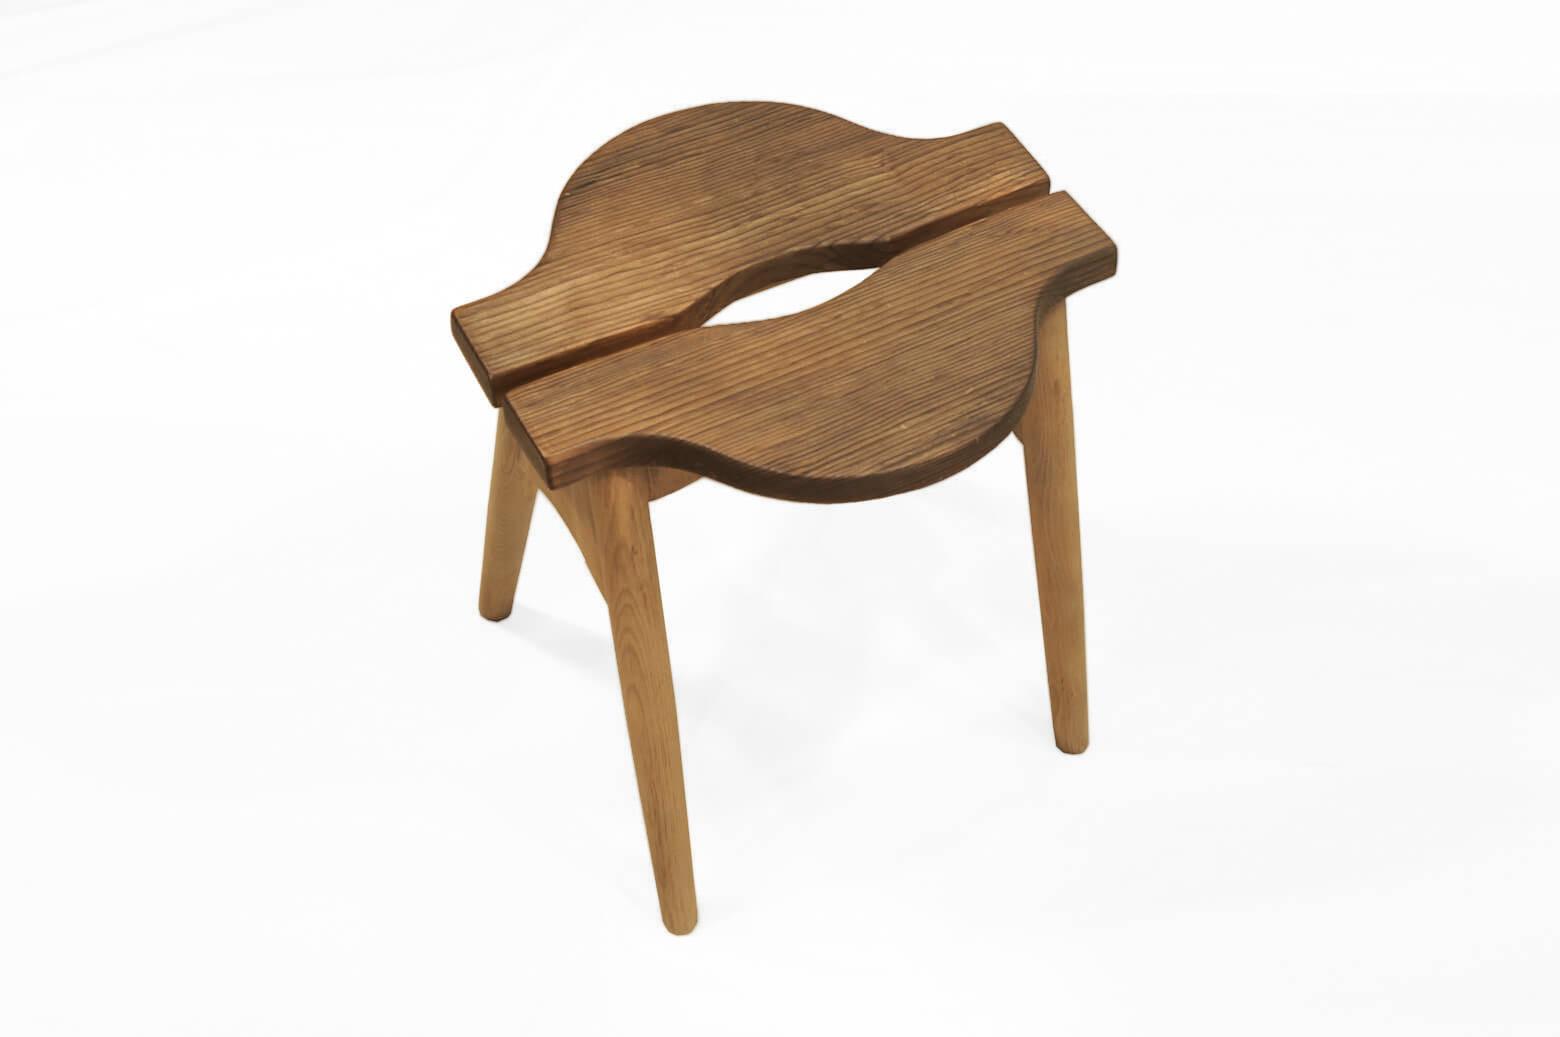 """杉材と栗材を組み合わせ、それぞれの木材のコントラストが楽しめるスツール。 丸みを帯びた脚や座面の独特な造形など、どこか北欧のヴィンテージスツールに似た趣きがあります。 杉材には""""焼杉""""という日本の伝統的な技法を使い、敢えて炭化させることによって耐久性を高めています。 さらに、硬い木目のみを炭化させて浮きだたせる""""浮き造り""""を施すことによって素のままの木材よりもより一層味わい深くなります。 素朴だけれど木の温もりをじんわりと感じられるスツールです。 丁寧にサンディングをし、表面の汚れを落としました。 座面に細かな傷がございます。 チーク材、オーク材、バーチ材、木材の種類は数あれど… 日本人が古くから親しみのある杉と栗。 やっぱり私たちの生活にしっくりと馴染んでくれますよね。 丁寧に作り上げられた一脚、おすすめです。 ~【東京都杉並区阿佐ヶ谷北アンティークショップ 古一】 古一/ふるいちでは出張無料買取も行っております。杉並区周辺はもちろん、世田谷区・目黒区・武蔵野市・新宿区等の東京近郊のお見積もりも!ビンテージ家具・インテリア雑貨・ランプ・USED品・ リサイクルなら古一/フルイチへ~"""